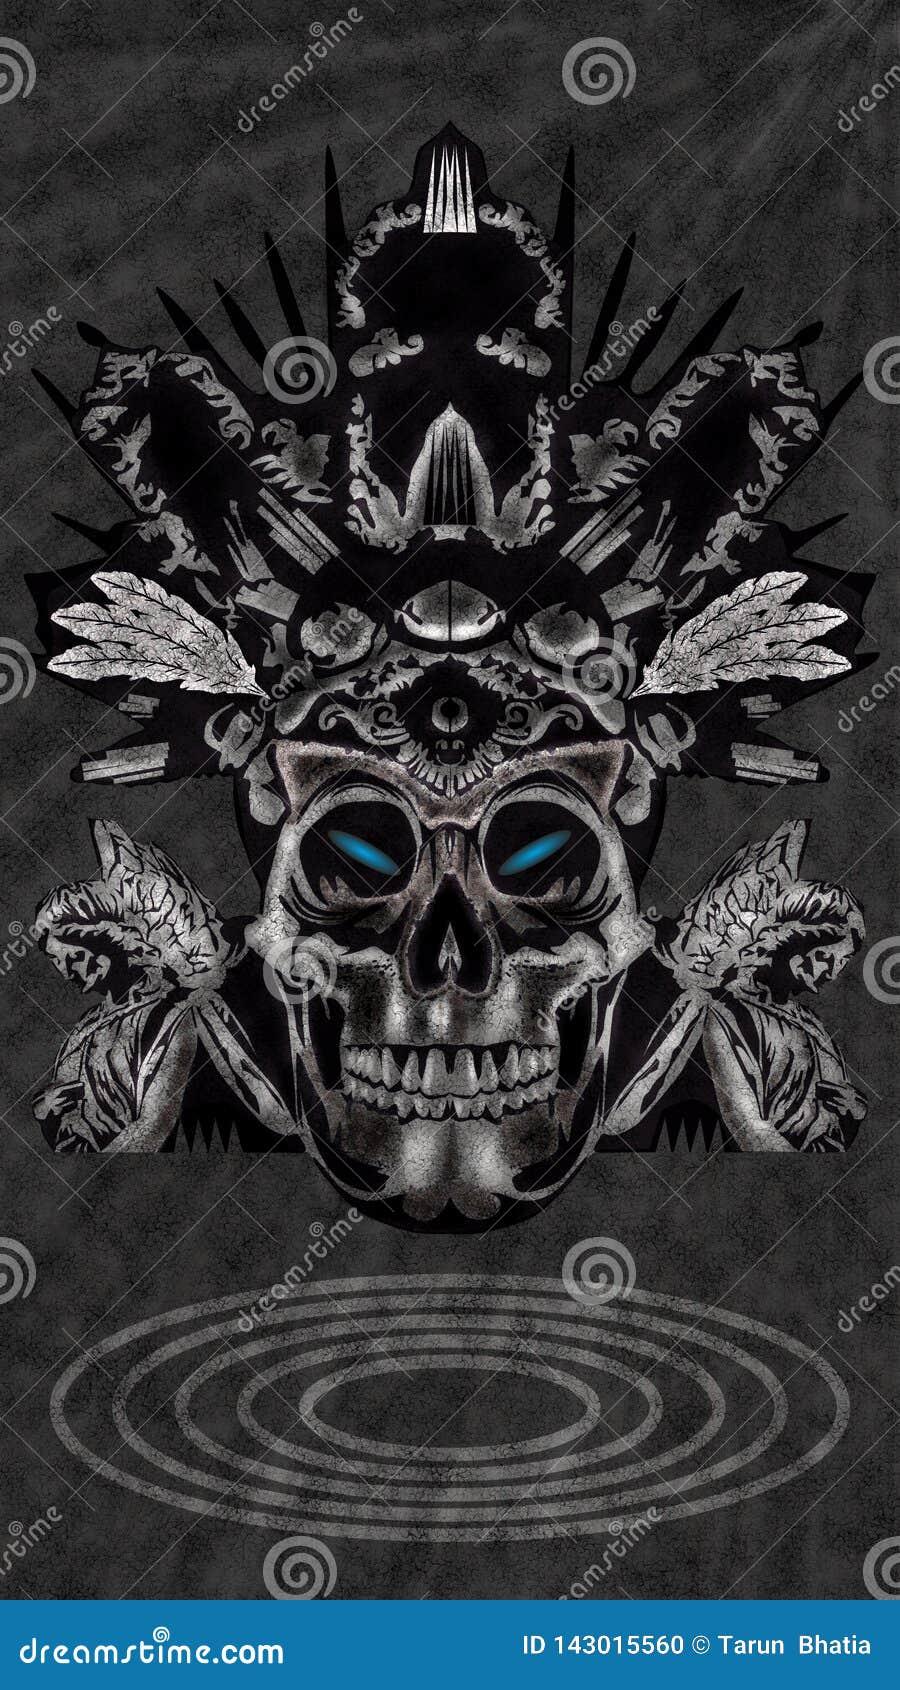 Skull King Mobile Wallpaper Design Stock Vector